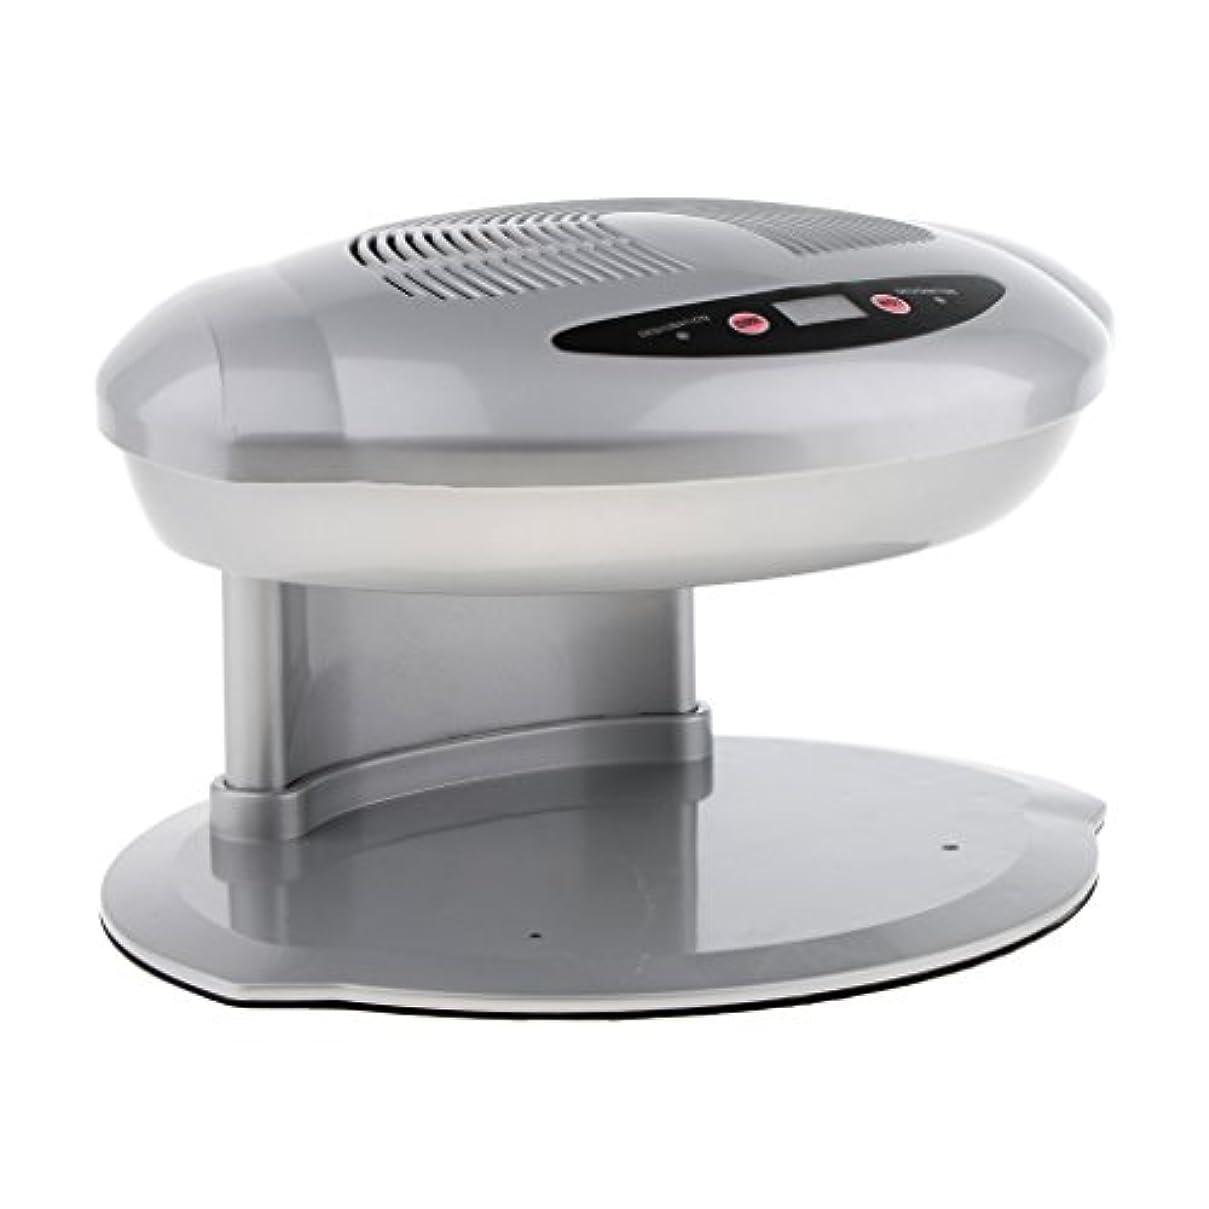 キャストターミナル夜間Perfk ネイルファン ドライヤー ネイルアート プロ 自動センサー 乾燥機 暖かい 涼しい 空気ファン